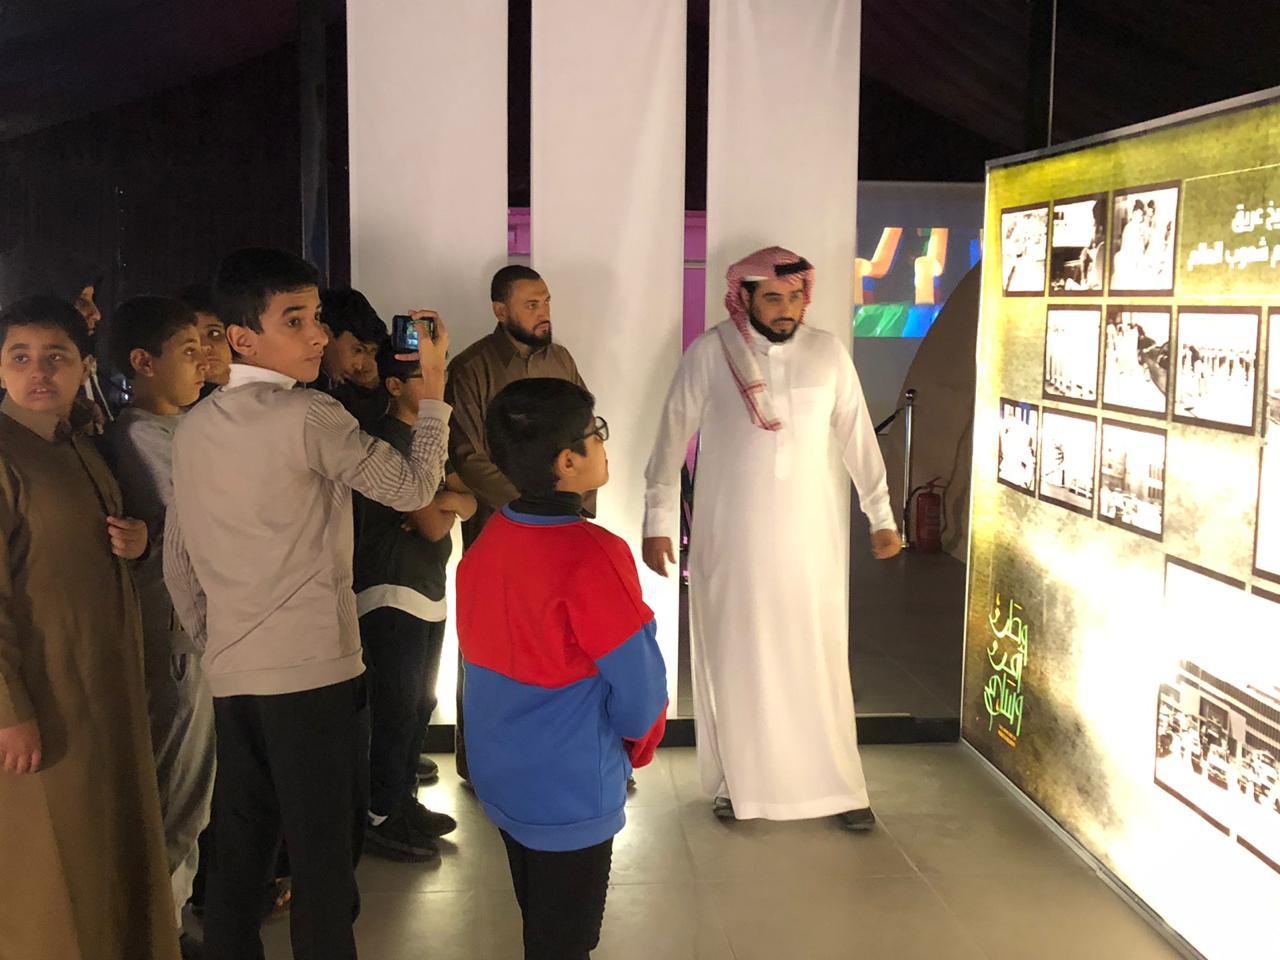 طلابنا يشاركون في معرض وطن أمن وسلام في مؤسسة اليمامة